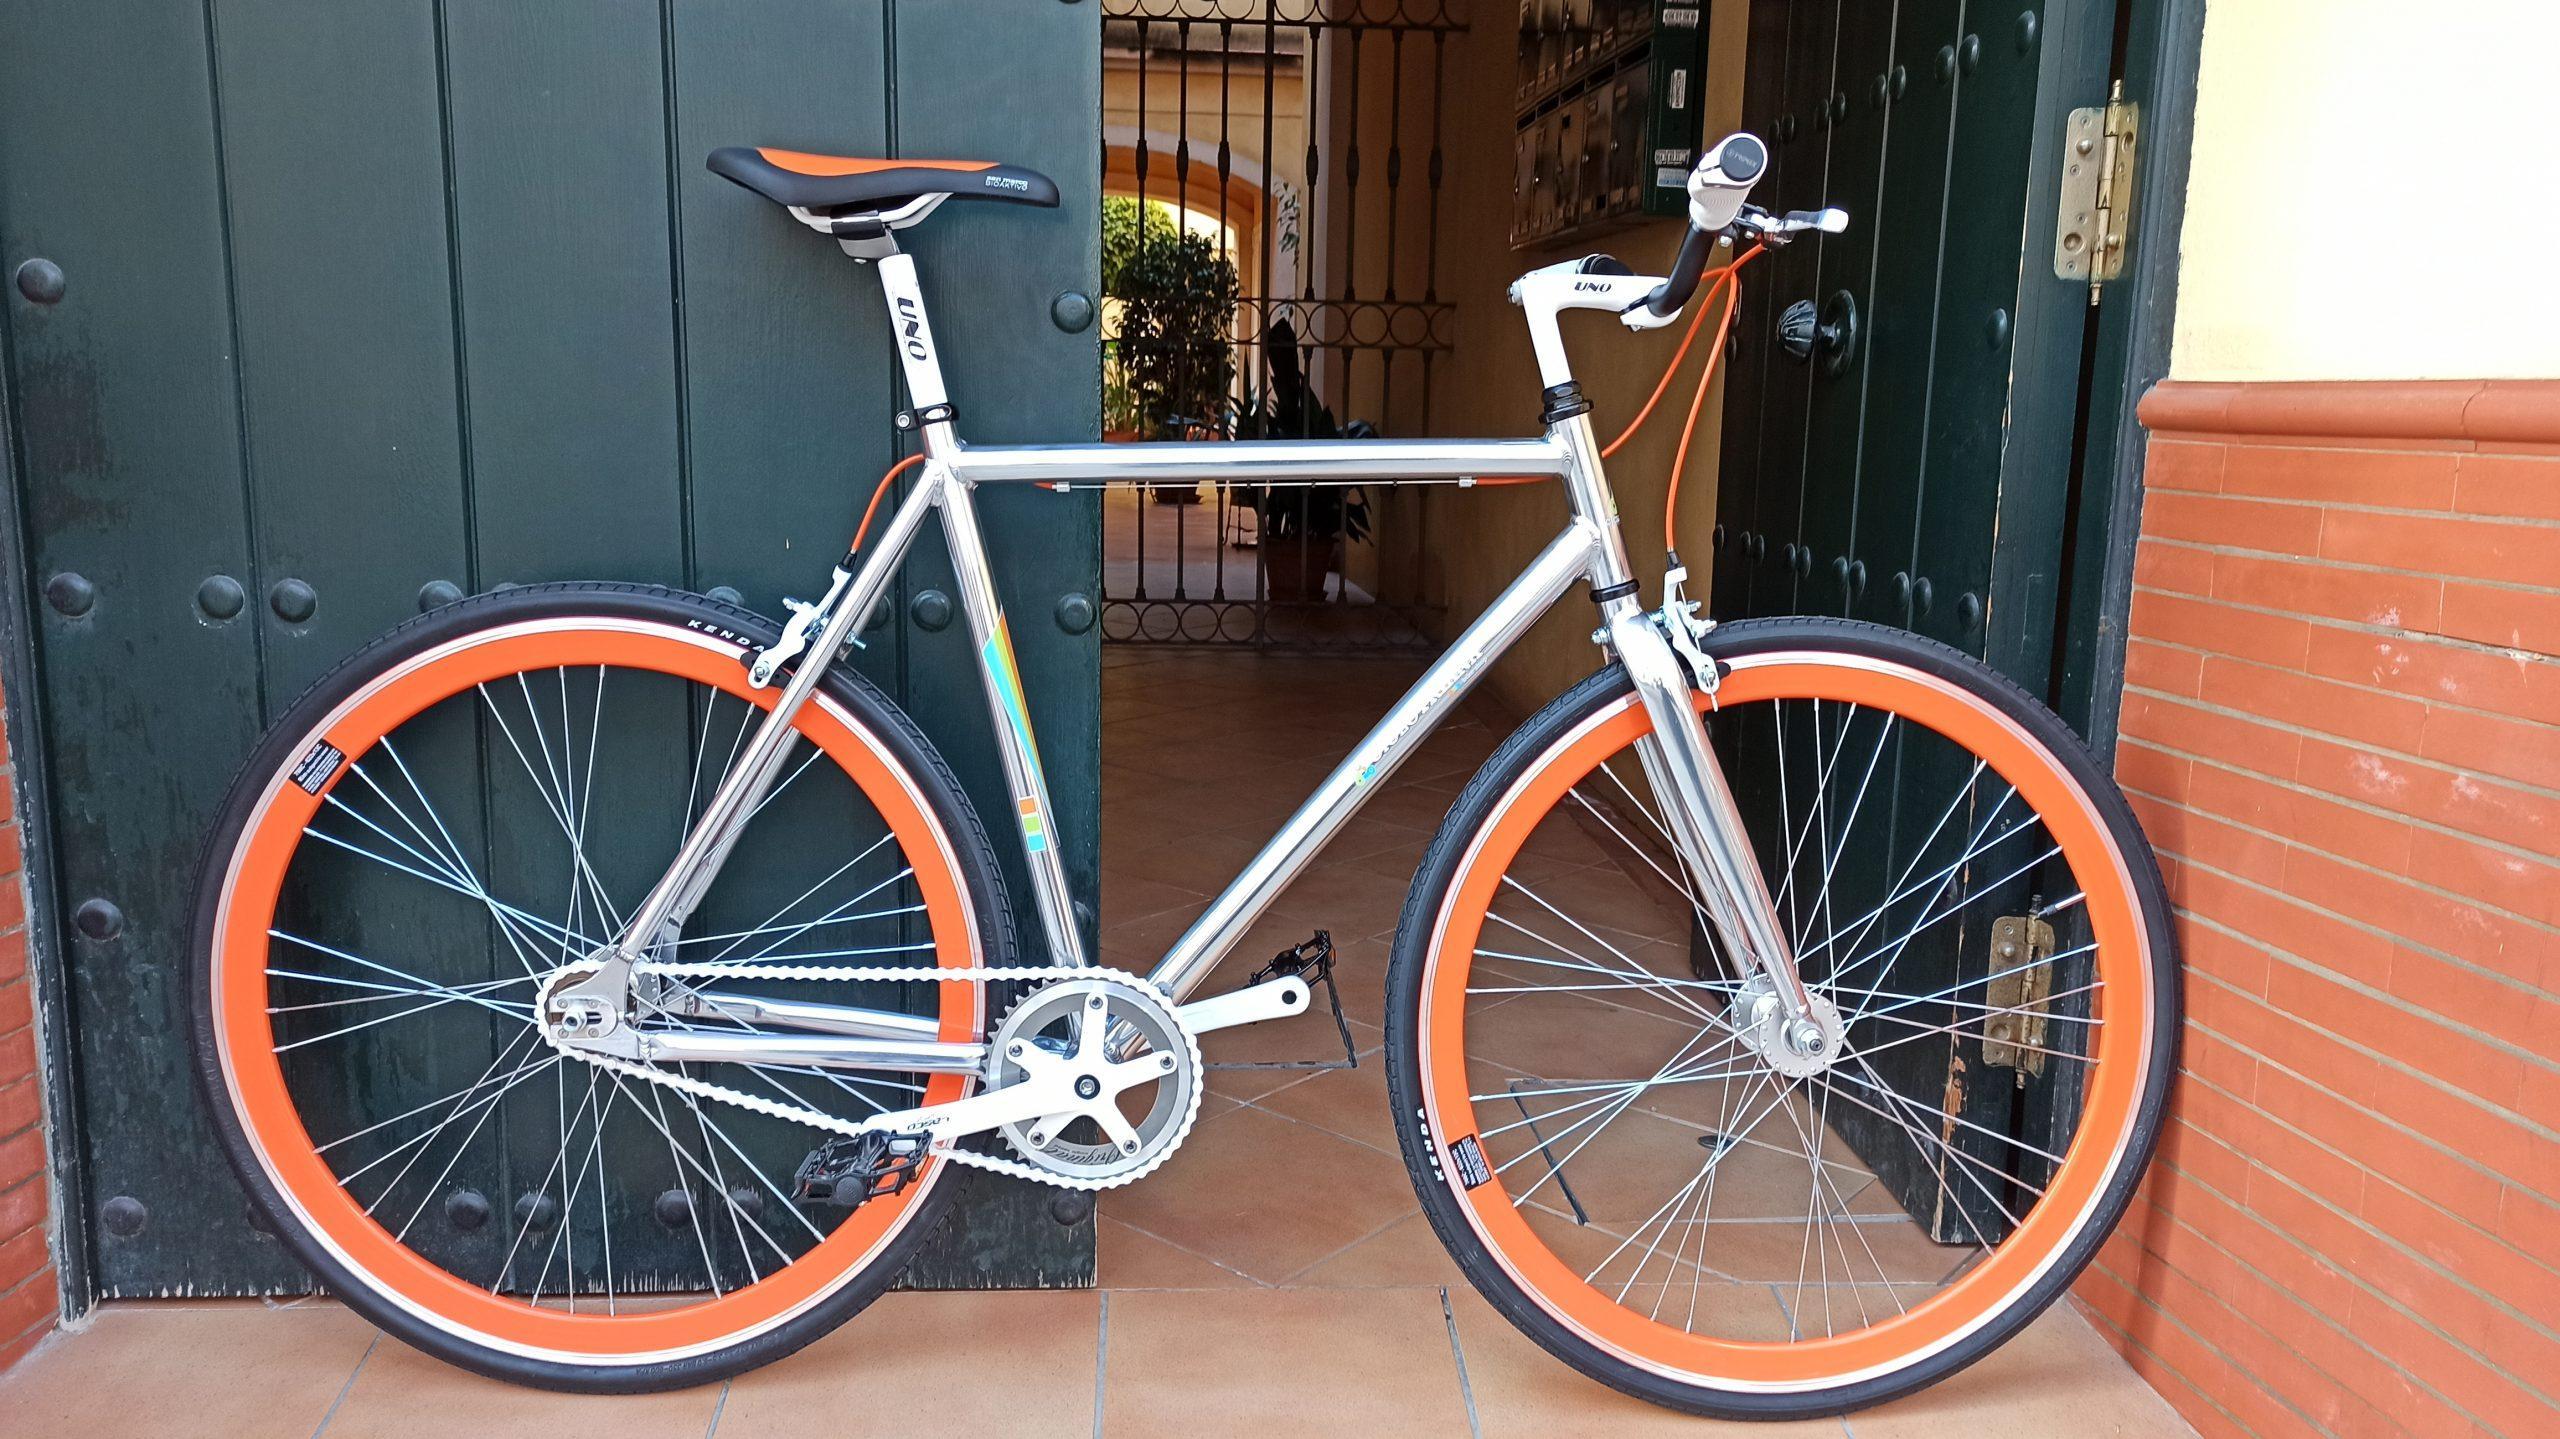 Montaje Single Speed Aluminio pulido, blanco y naranja